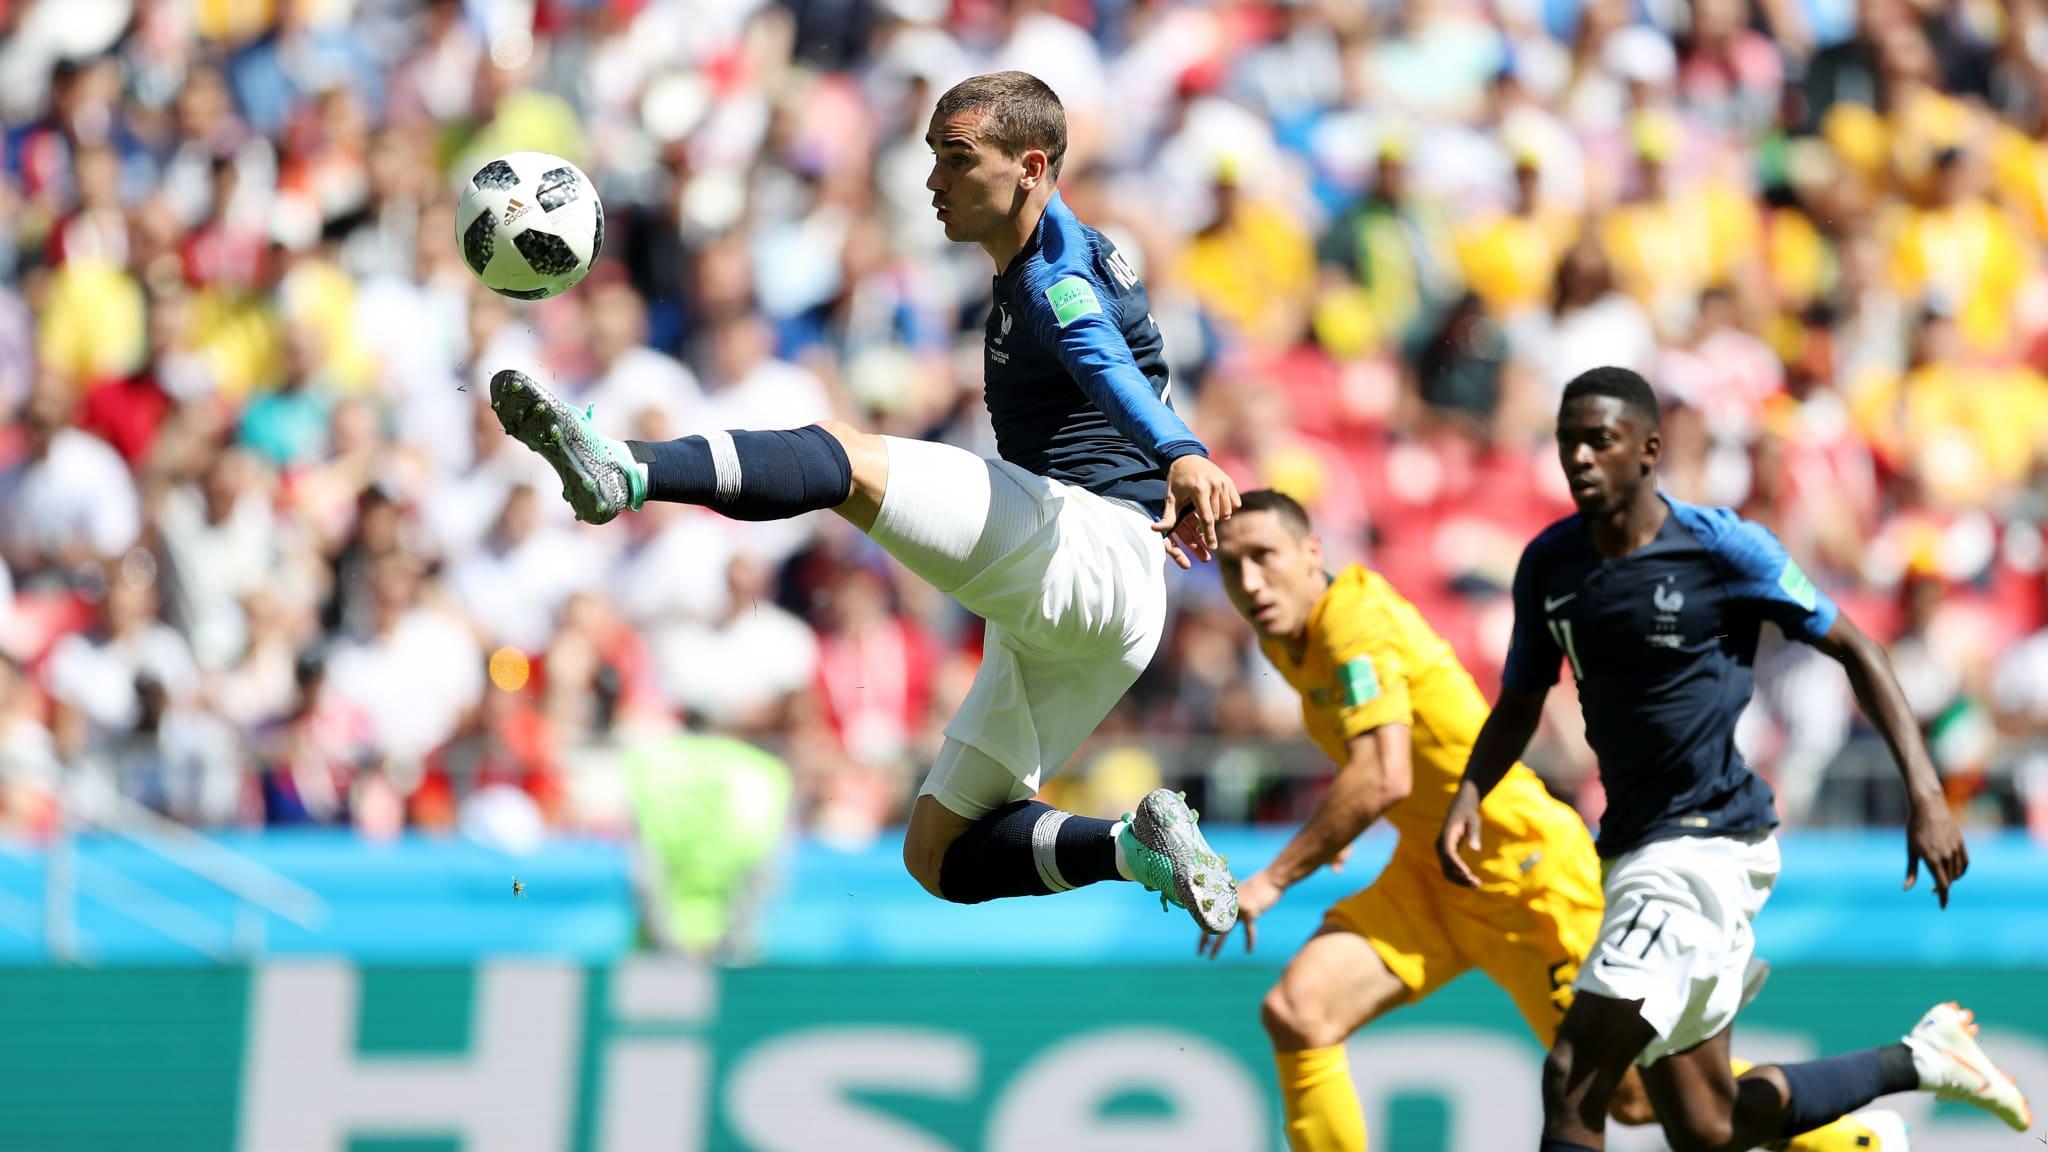 KERJA KERAS. Prancis harus kerja ekstra keras mengalahkan Australia. Foto dari FIFA/com